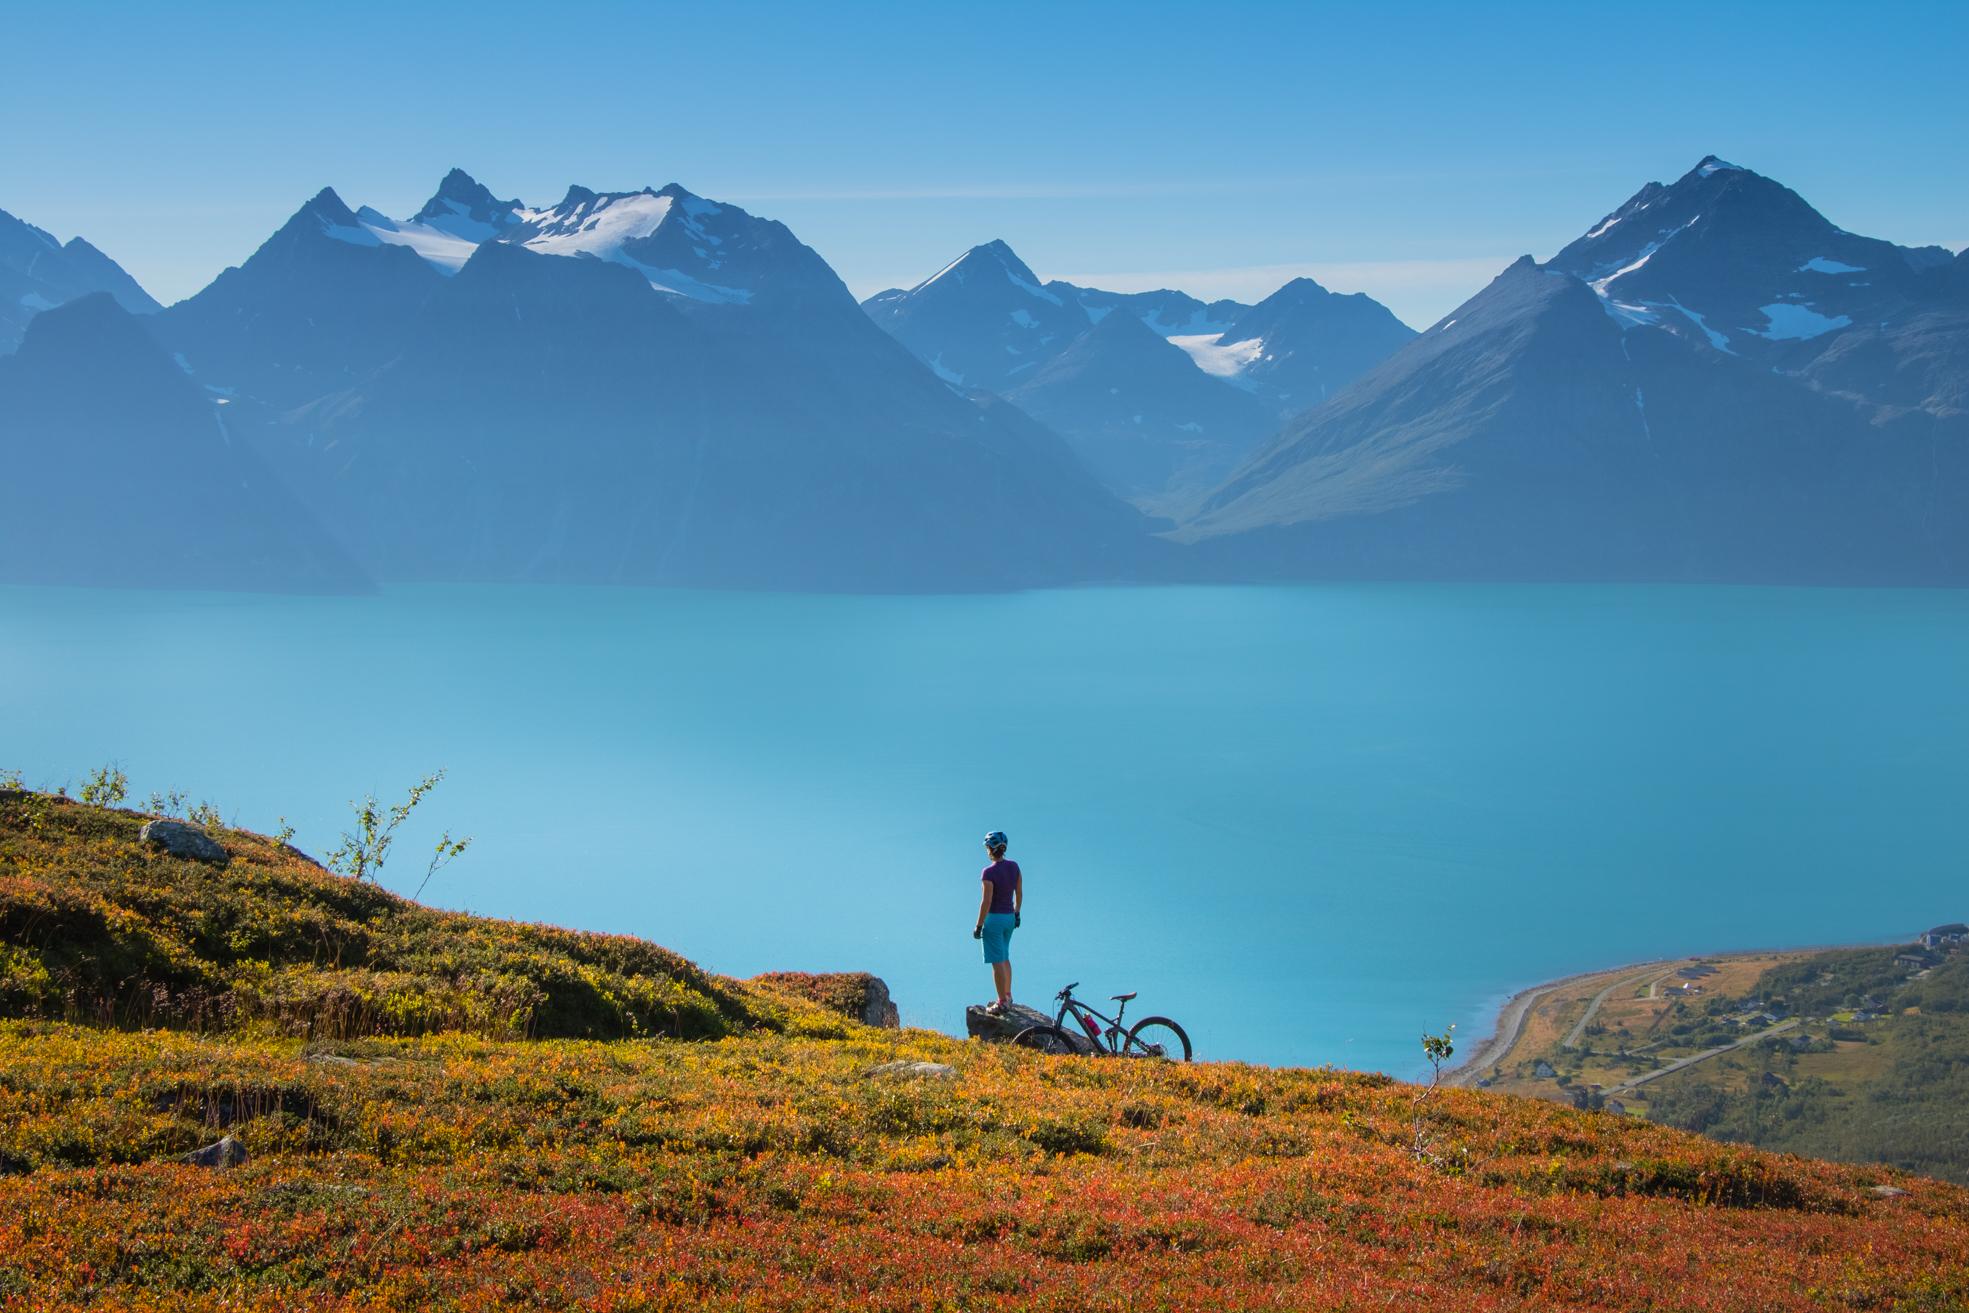 Aktivreisen: lyngenalpen anna rieblova  visit lyngenfjord com